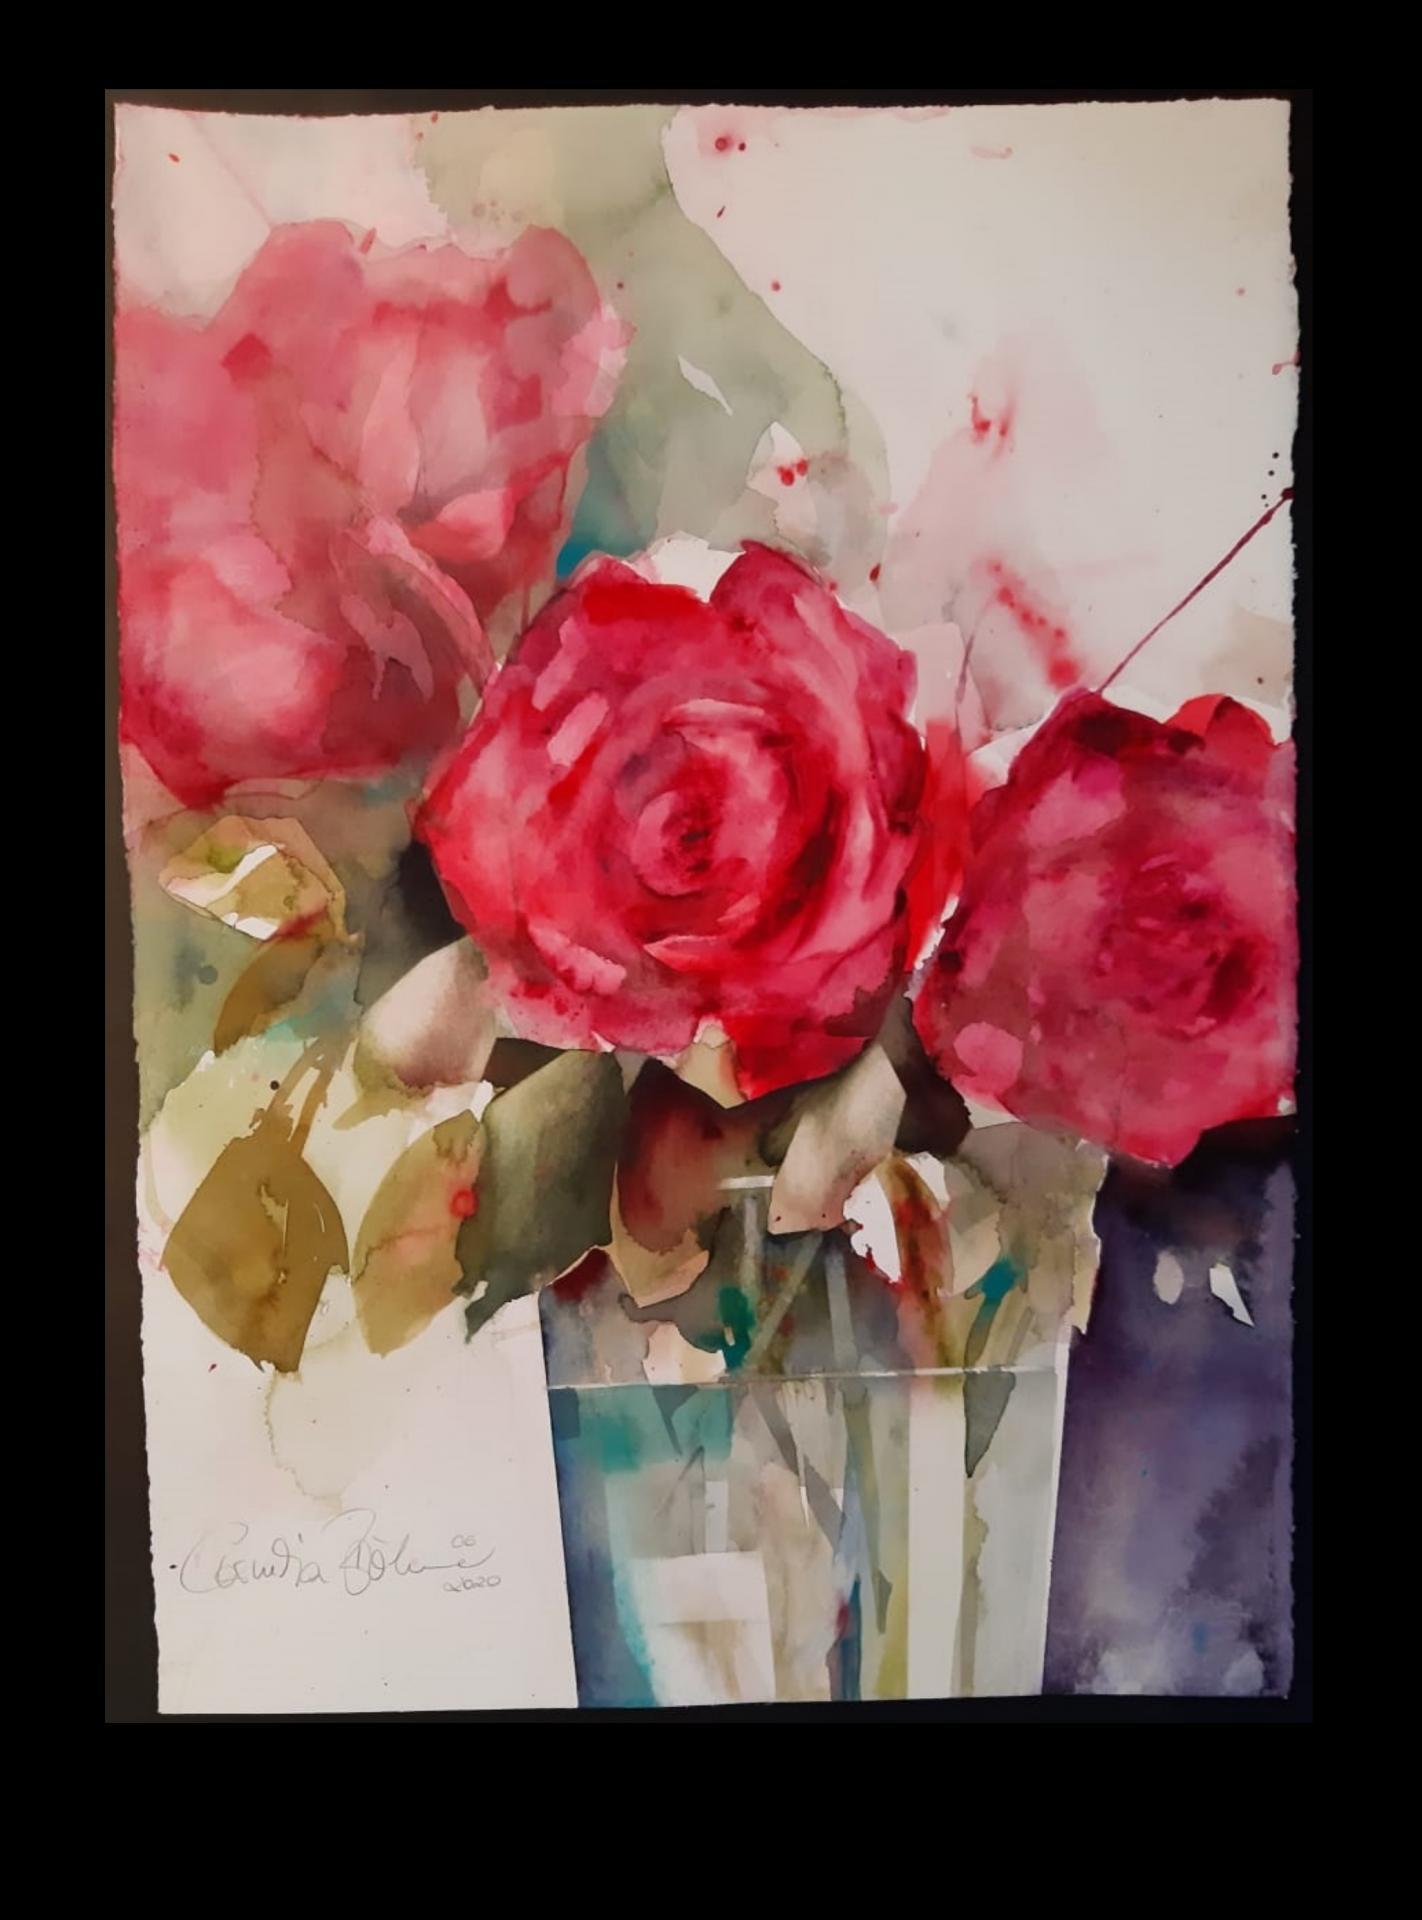 Rote Rosen - Einfach Rote Rosen...